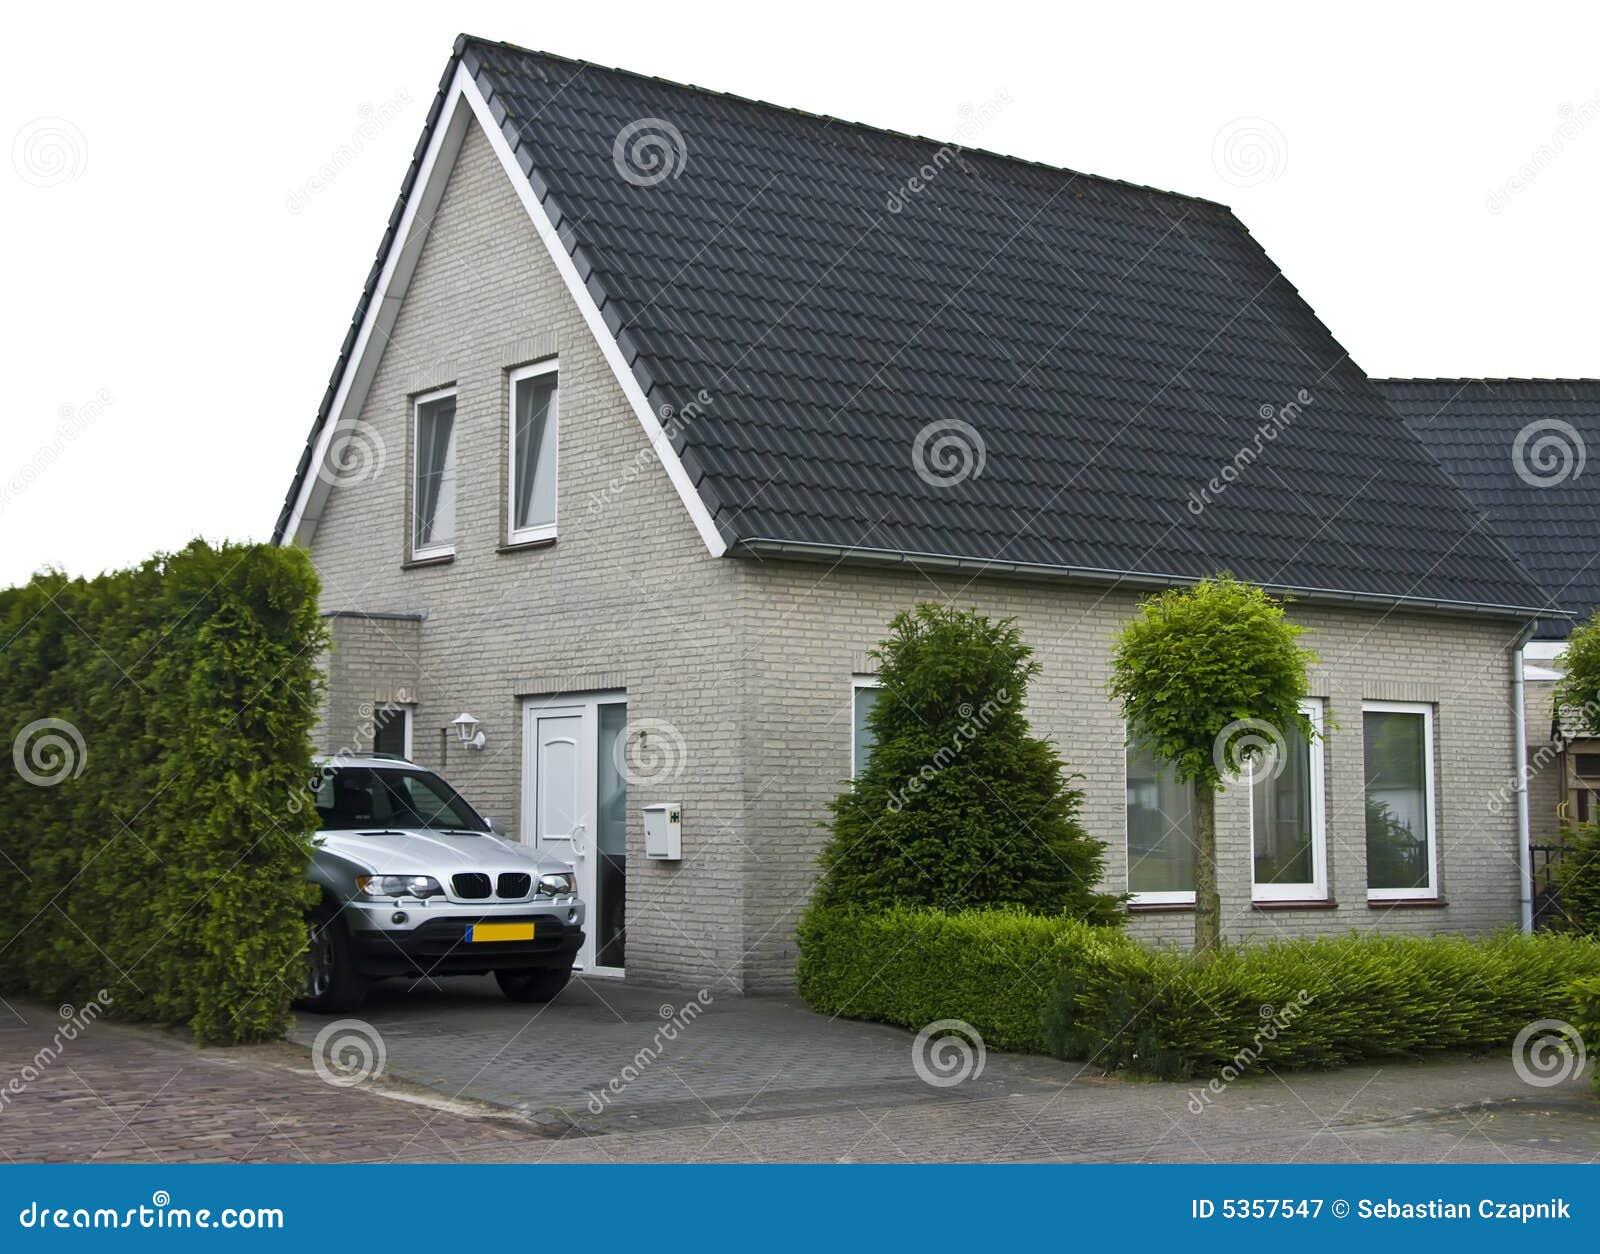 Casa e jardim modernos fotografia de stock royalty free for Casa holandesa moderna